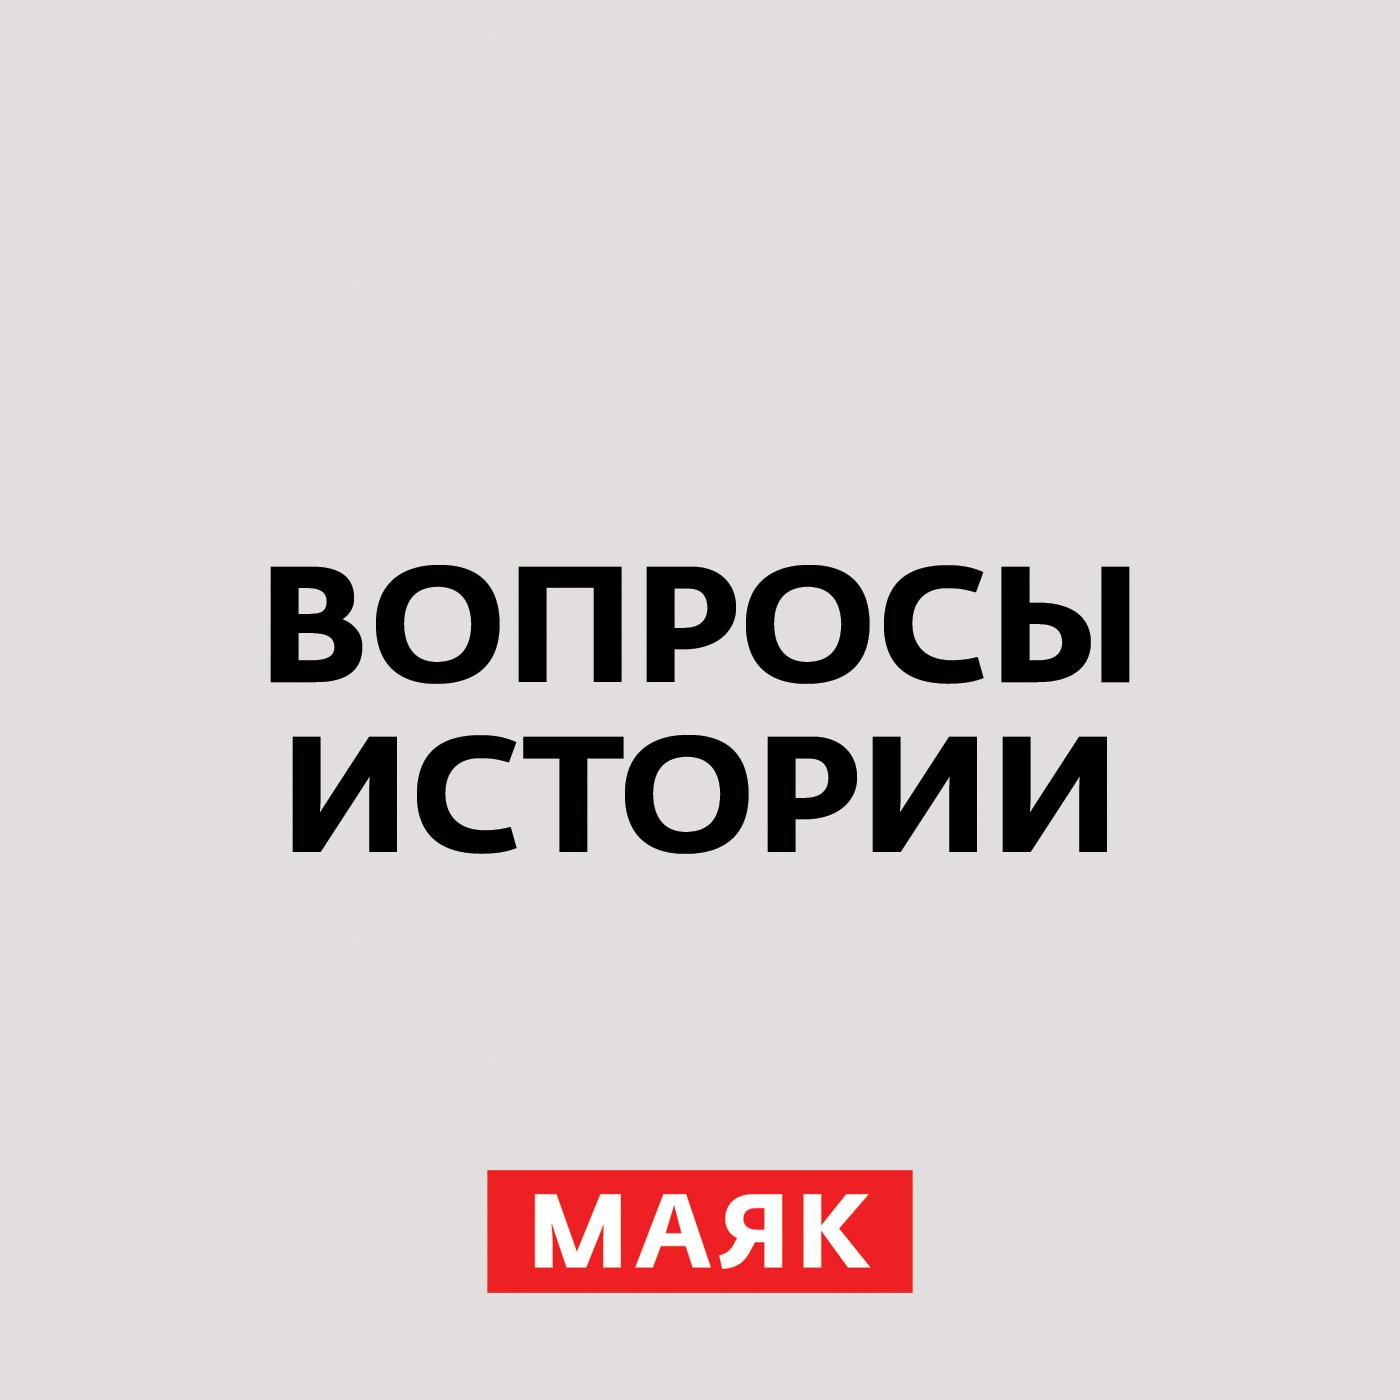 цена на Андрей Светенко 1915 год: империя была обречена?